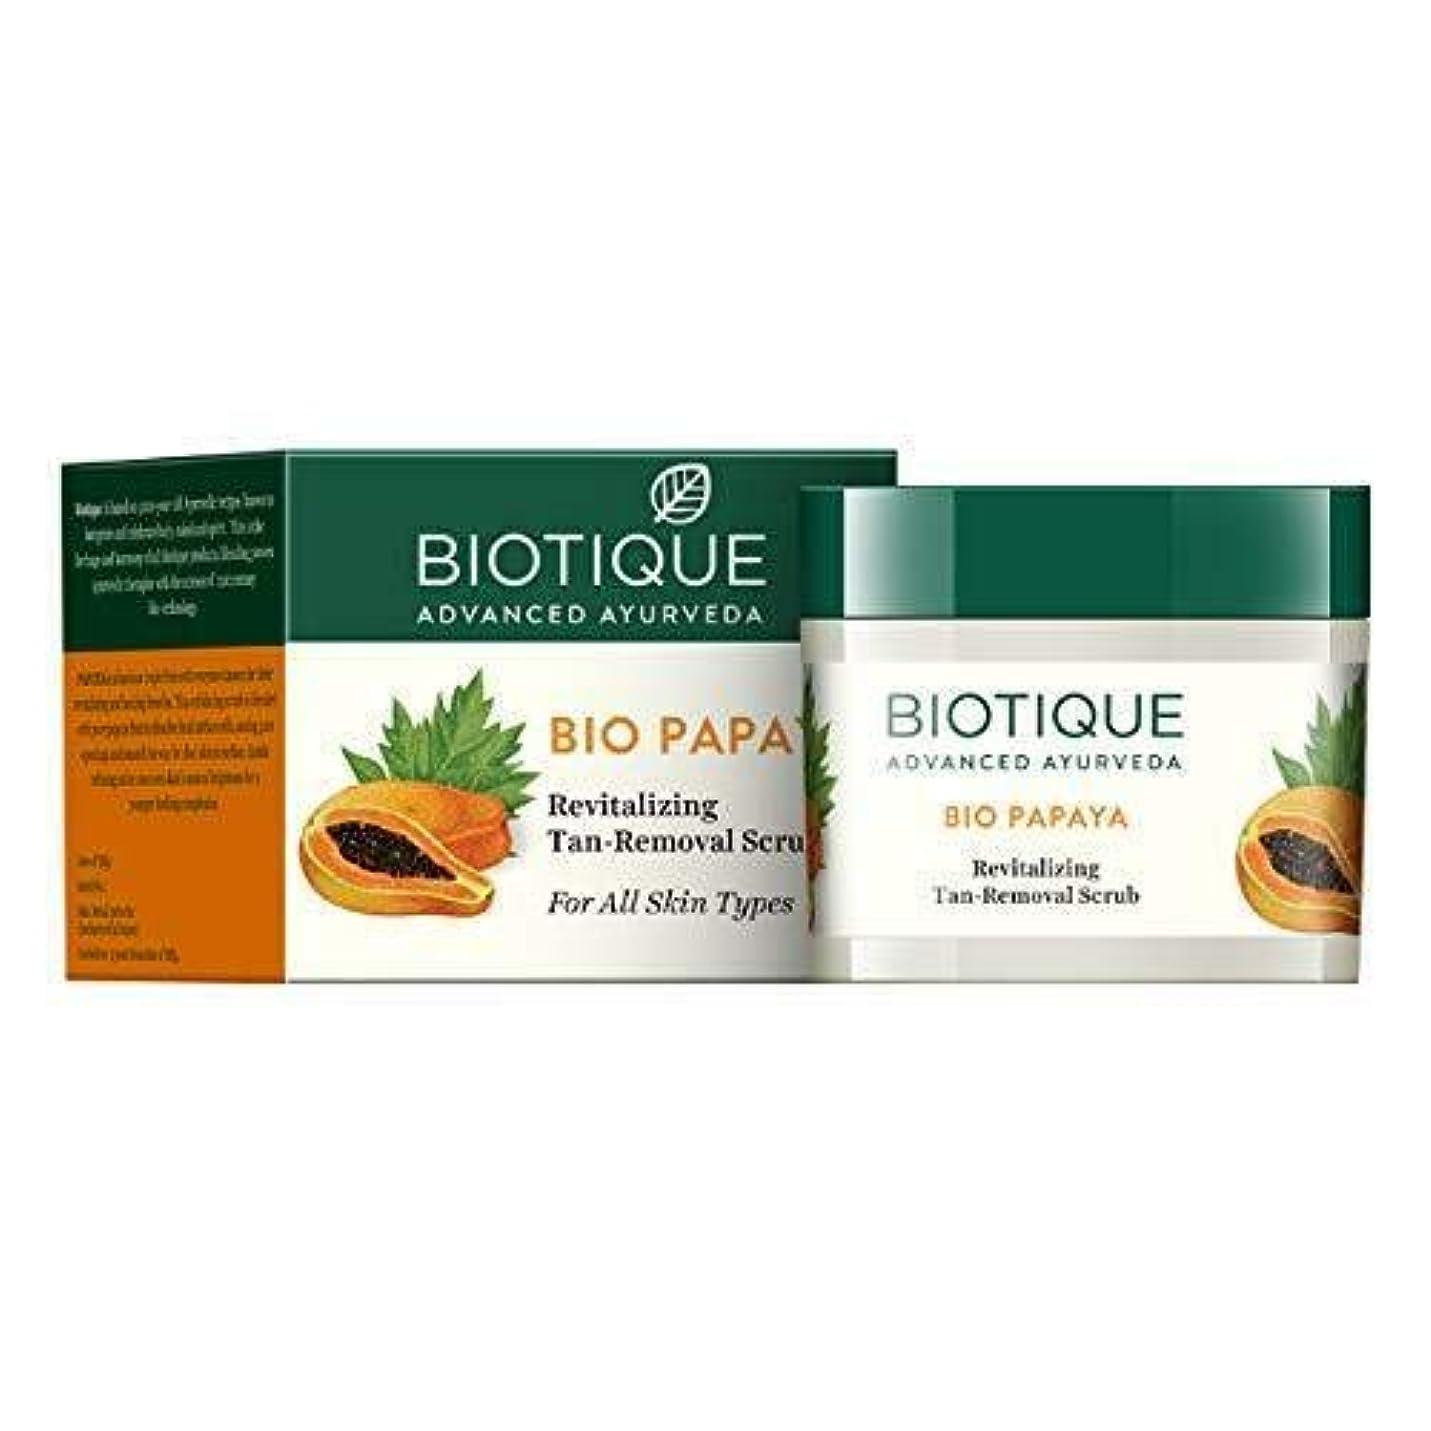 ピクニックをする啓示ノベルティBiotique Bio Papaya Revitalizing Tan Removal Scrub for All Skin Types 75g すべての肌タイプのための日焼け除去スクラブを活性化させるBiotique...